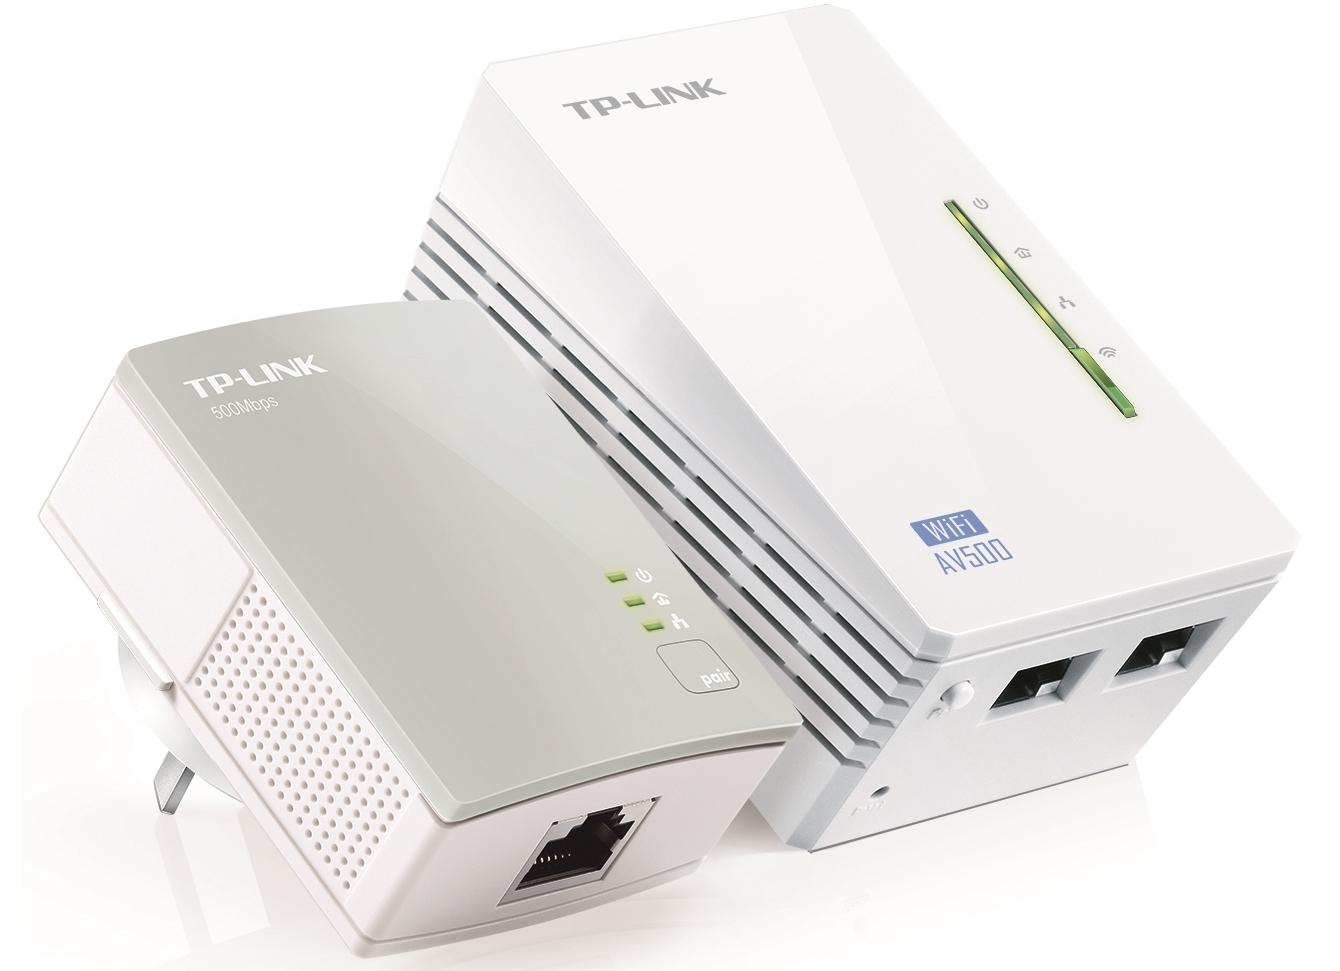 TP-Link AV600 WiFi Powerline Extender Starter Kit image